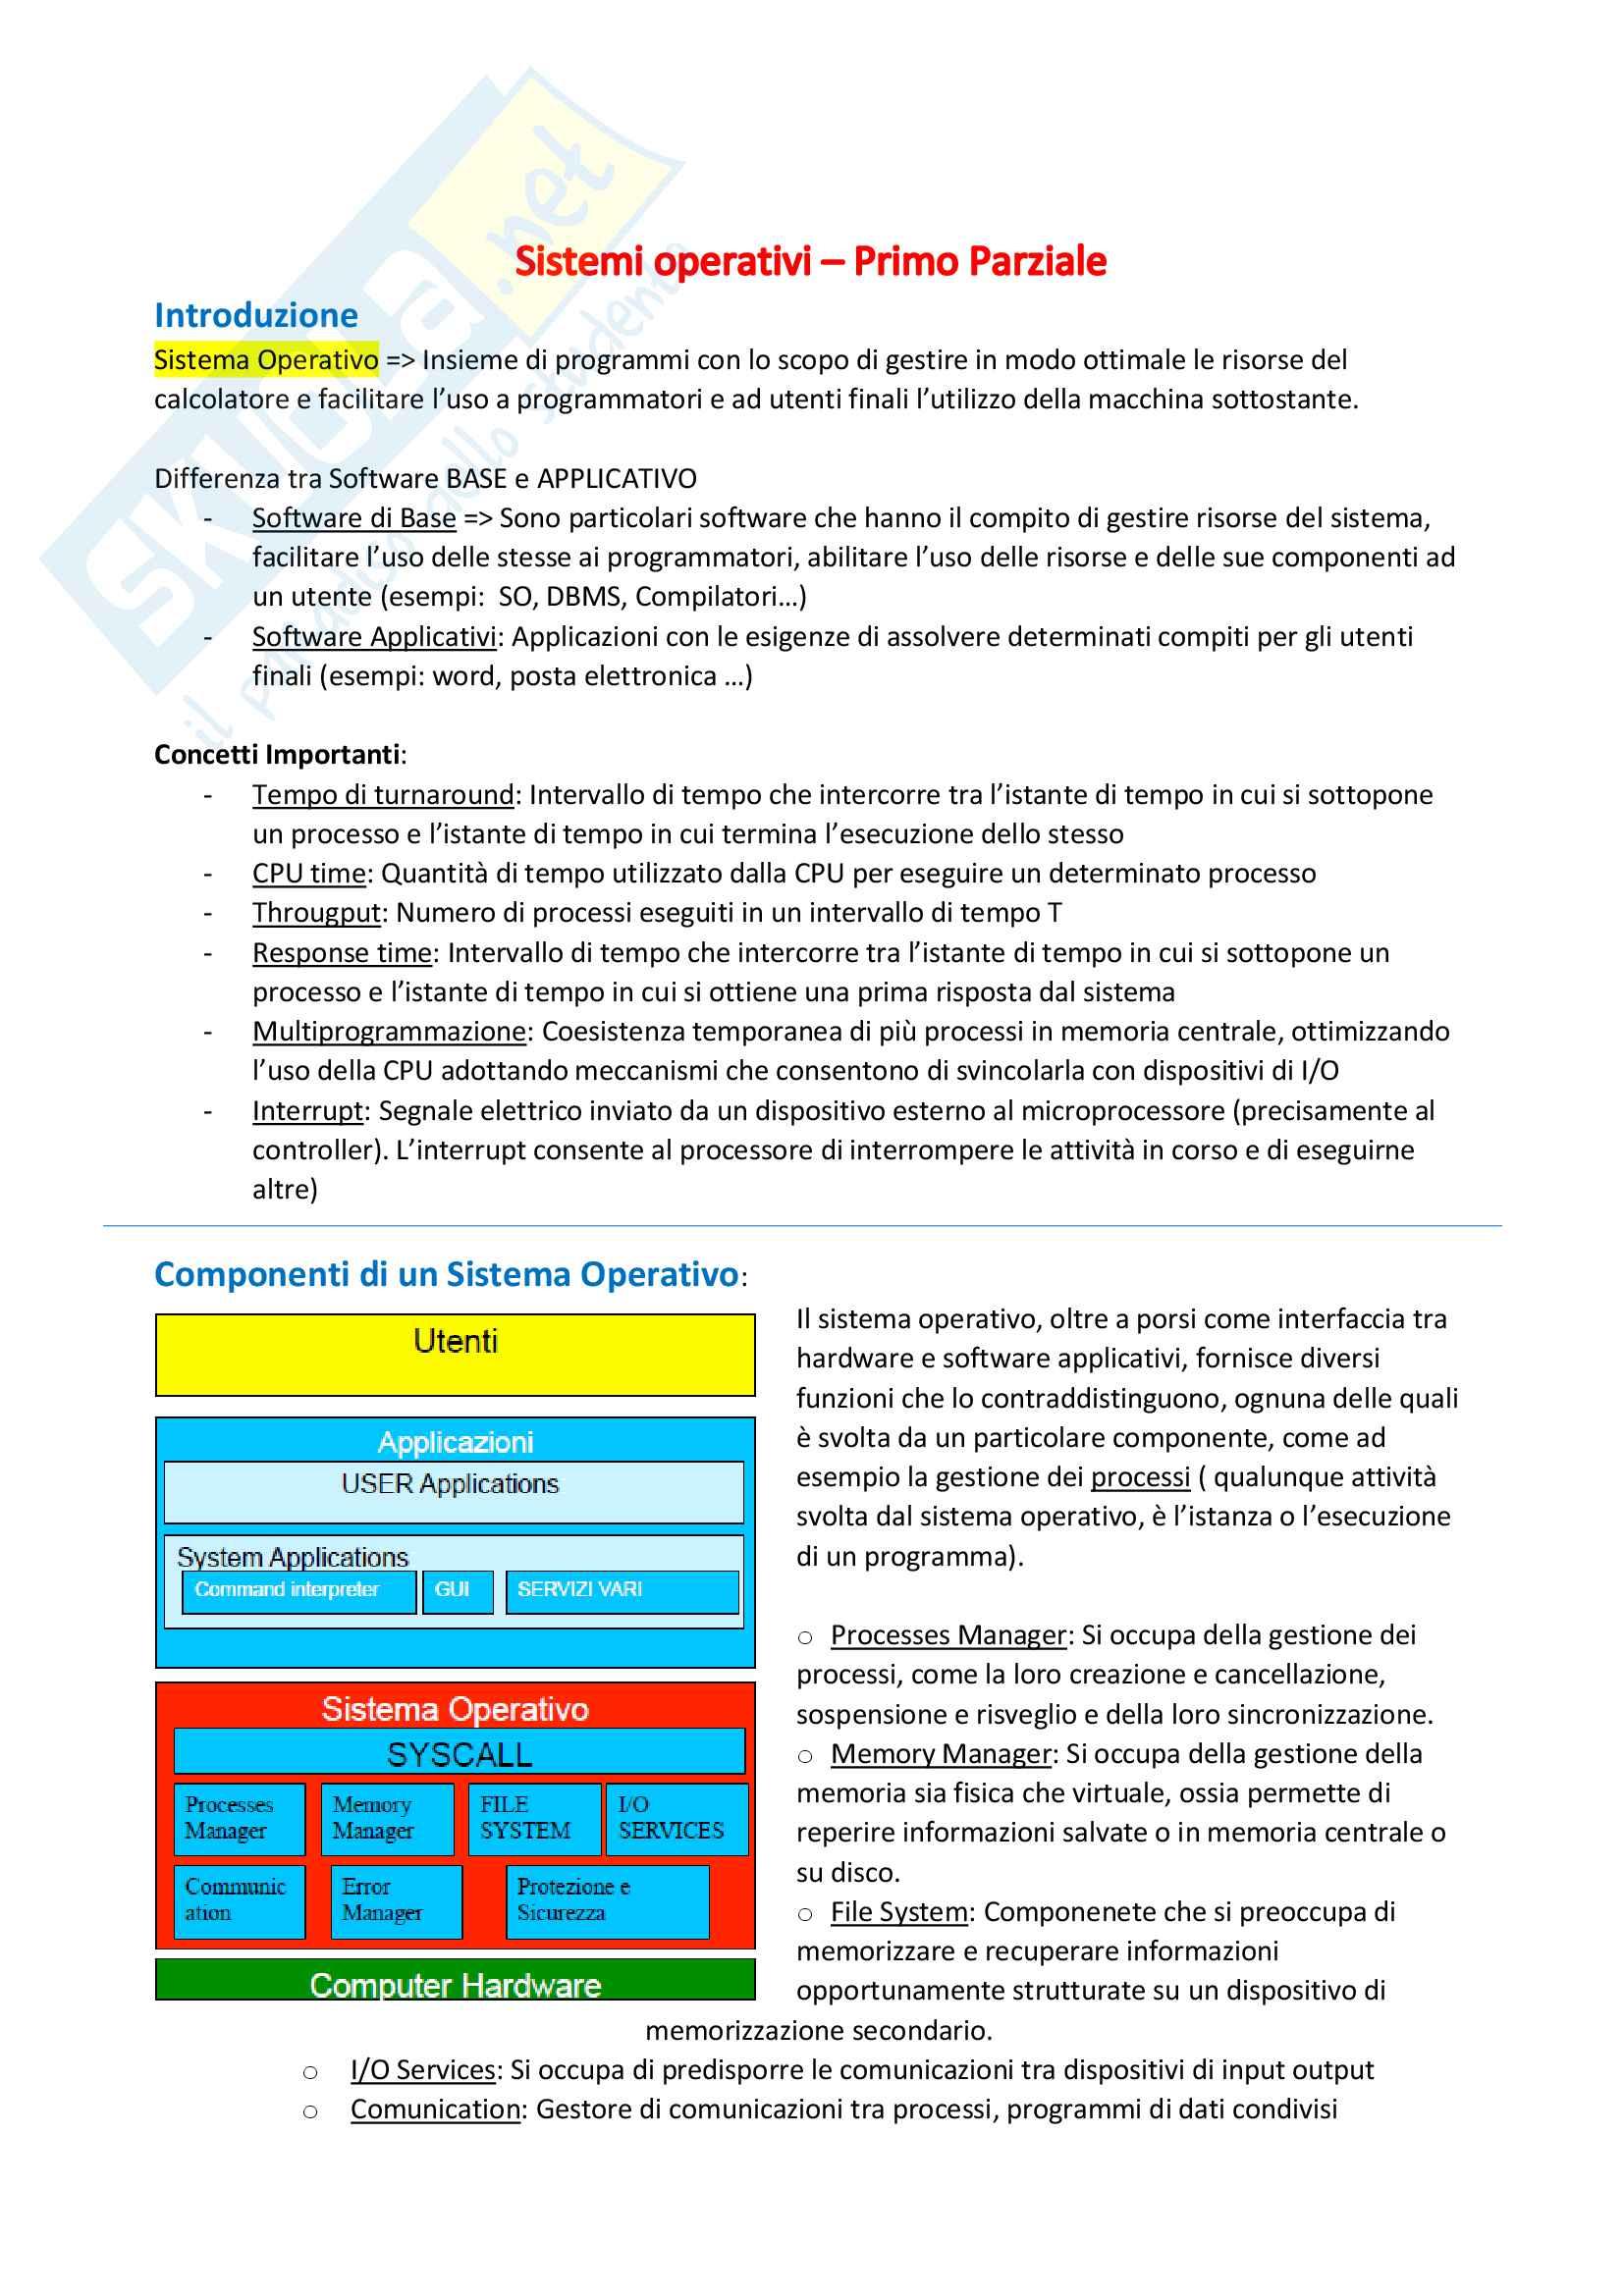 Sistemi Operativi - Gestione VM e Processi